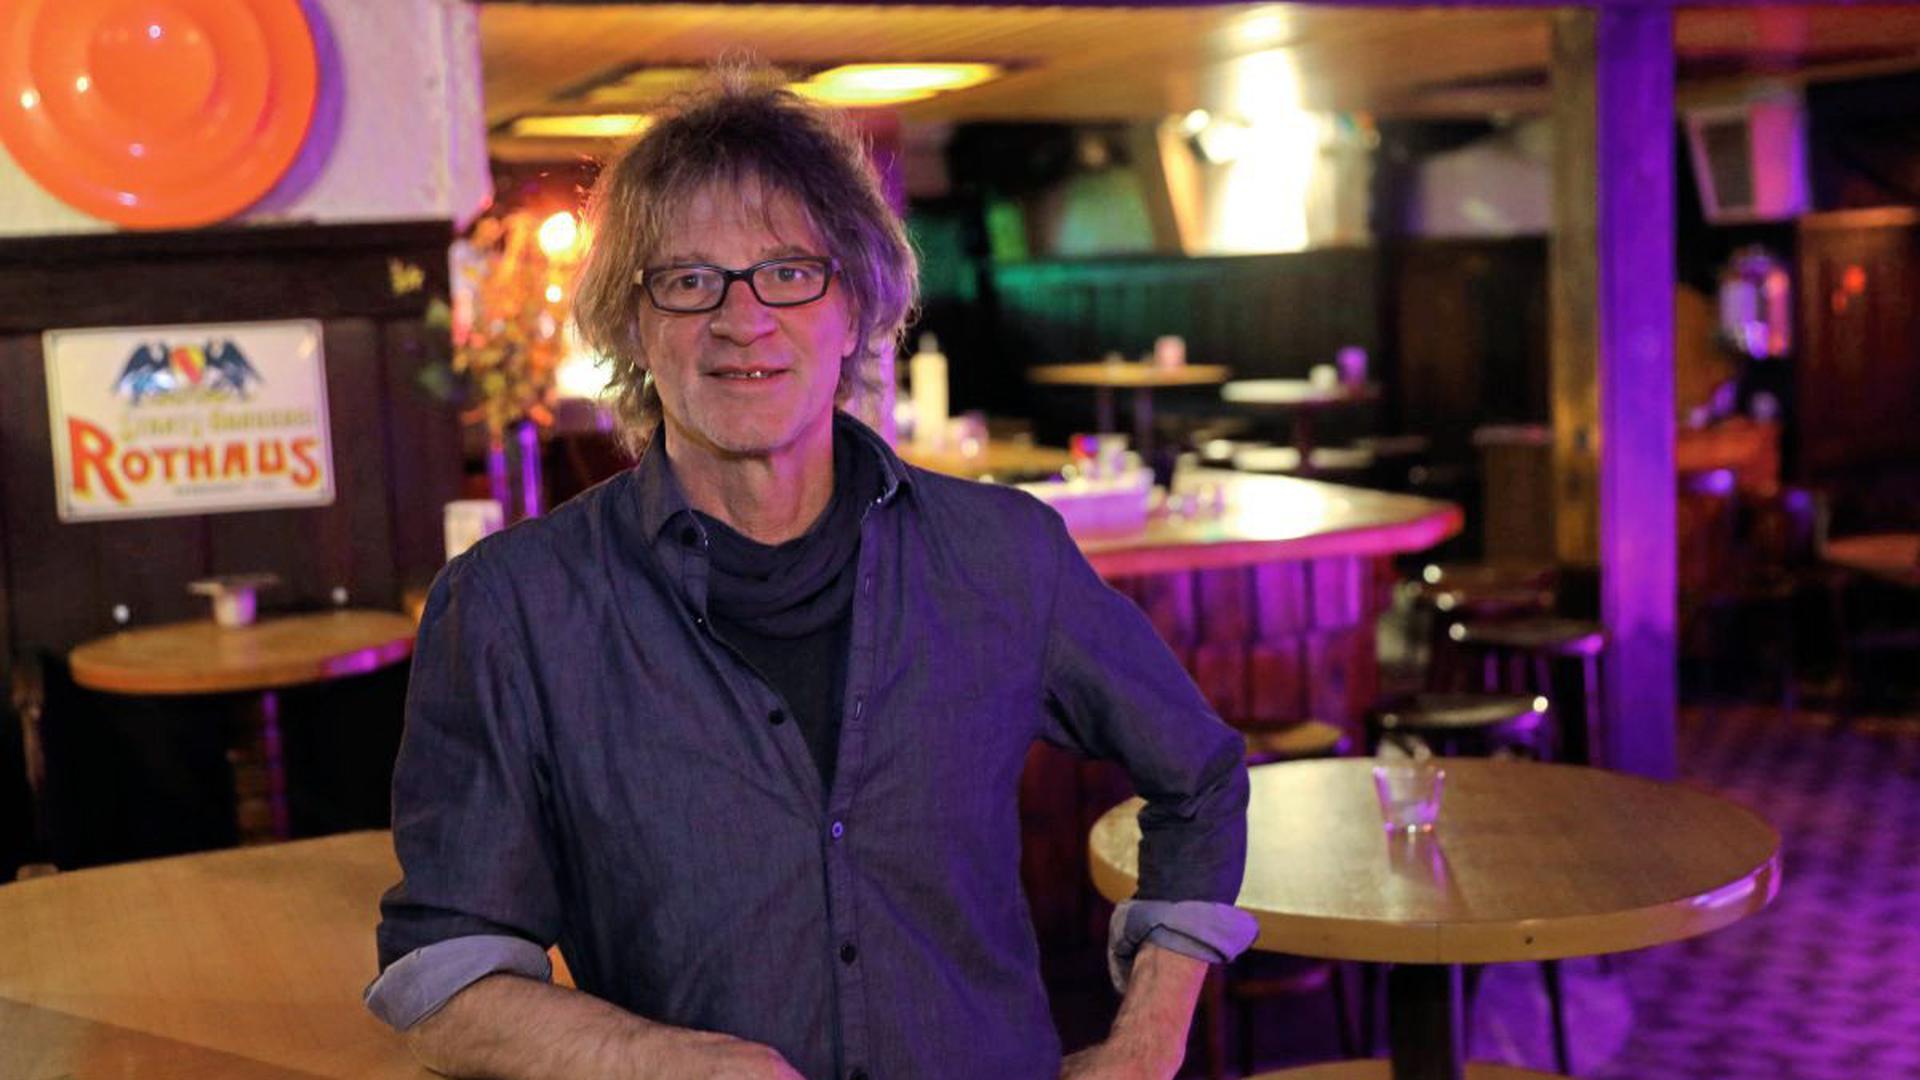 Klaus Höger härt nach 33 Jahren als Wirt der Dorfschänke auf